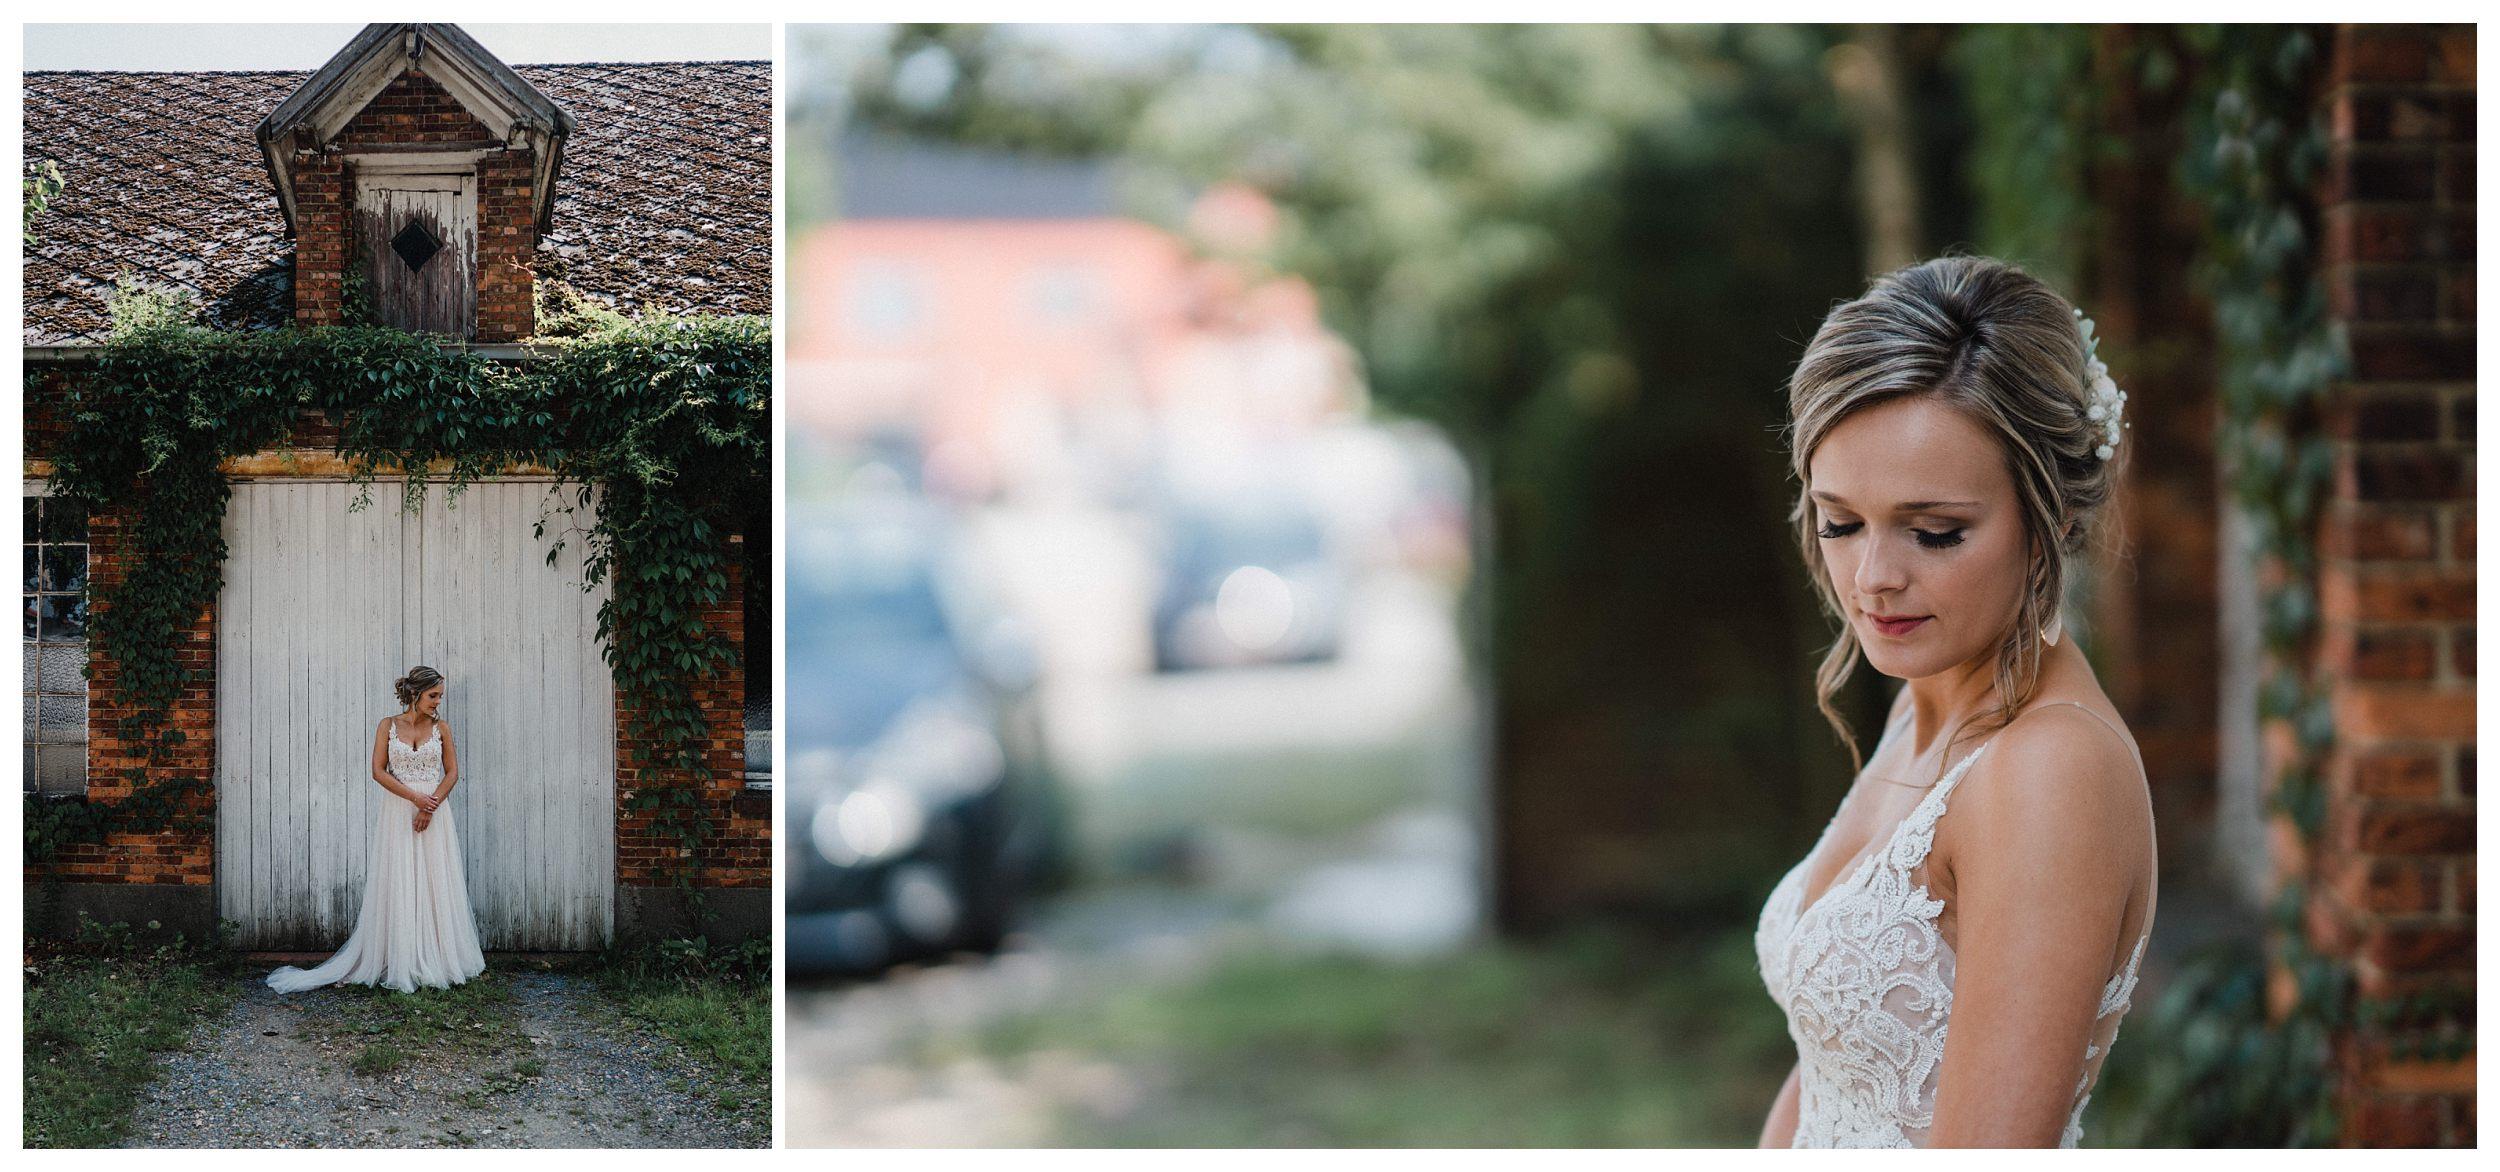 huwelijksfotograaf bruidsfotograaf destinationwedding huwelijksfotografie in mol oostham (15).jpg